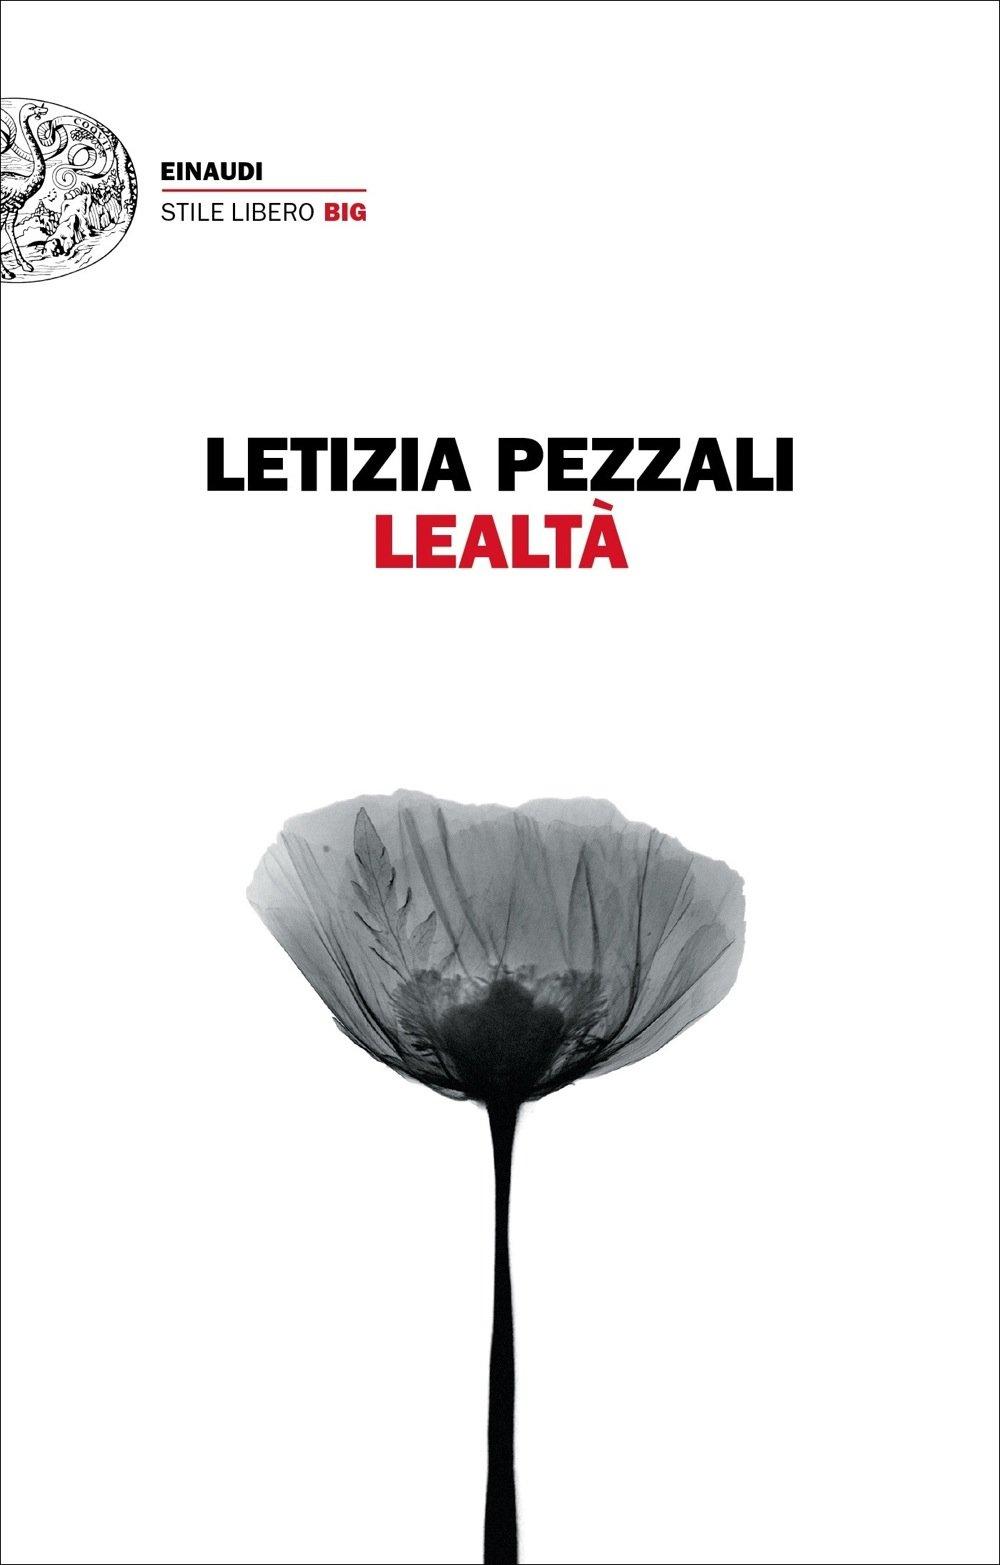 Letizia Pezzali